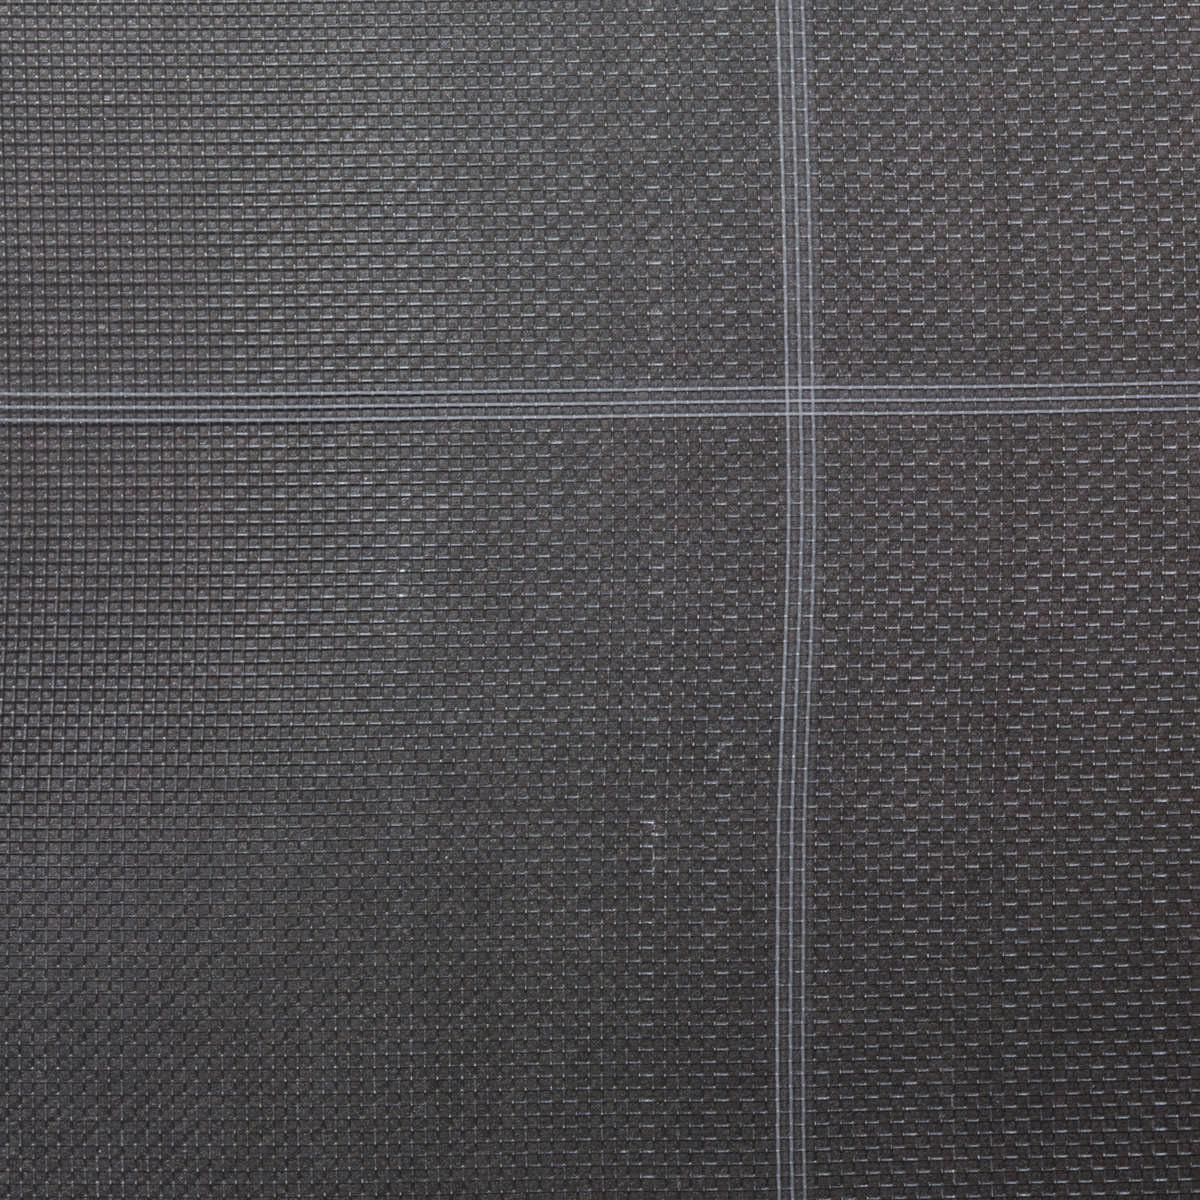 サンサンネット SL4200 2.1m×100m